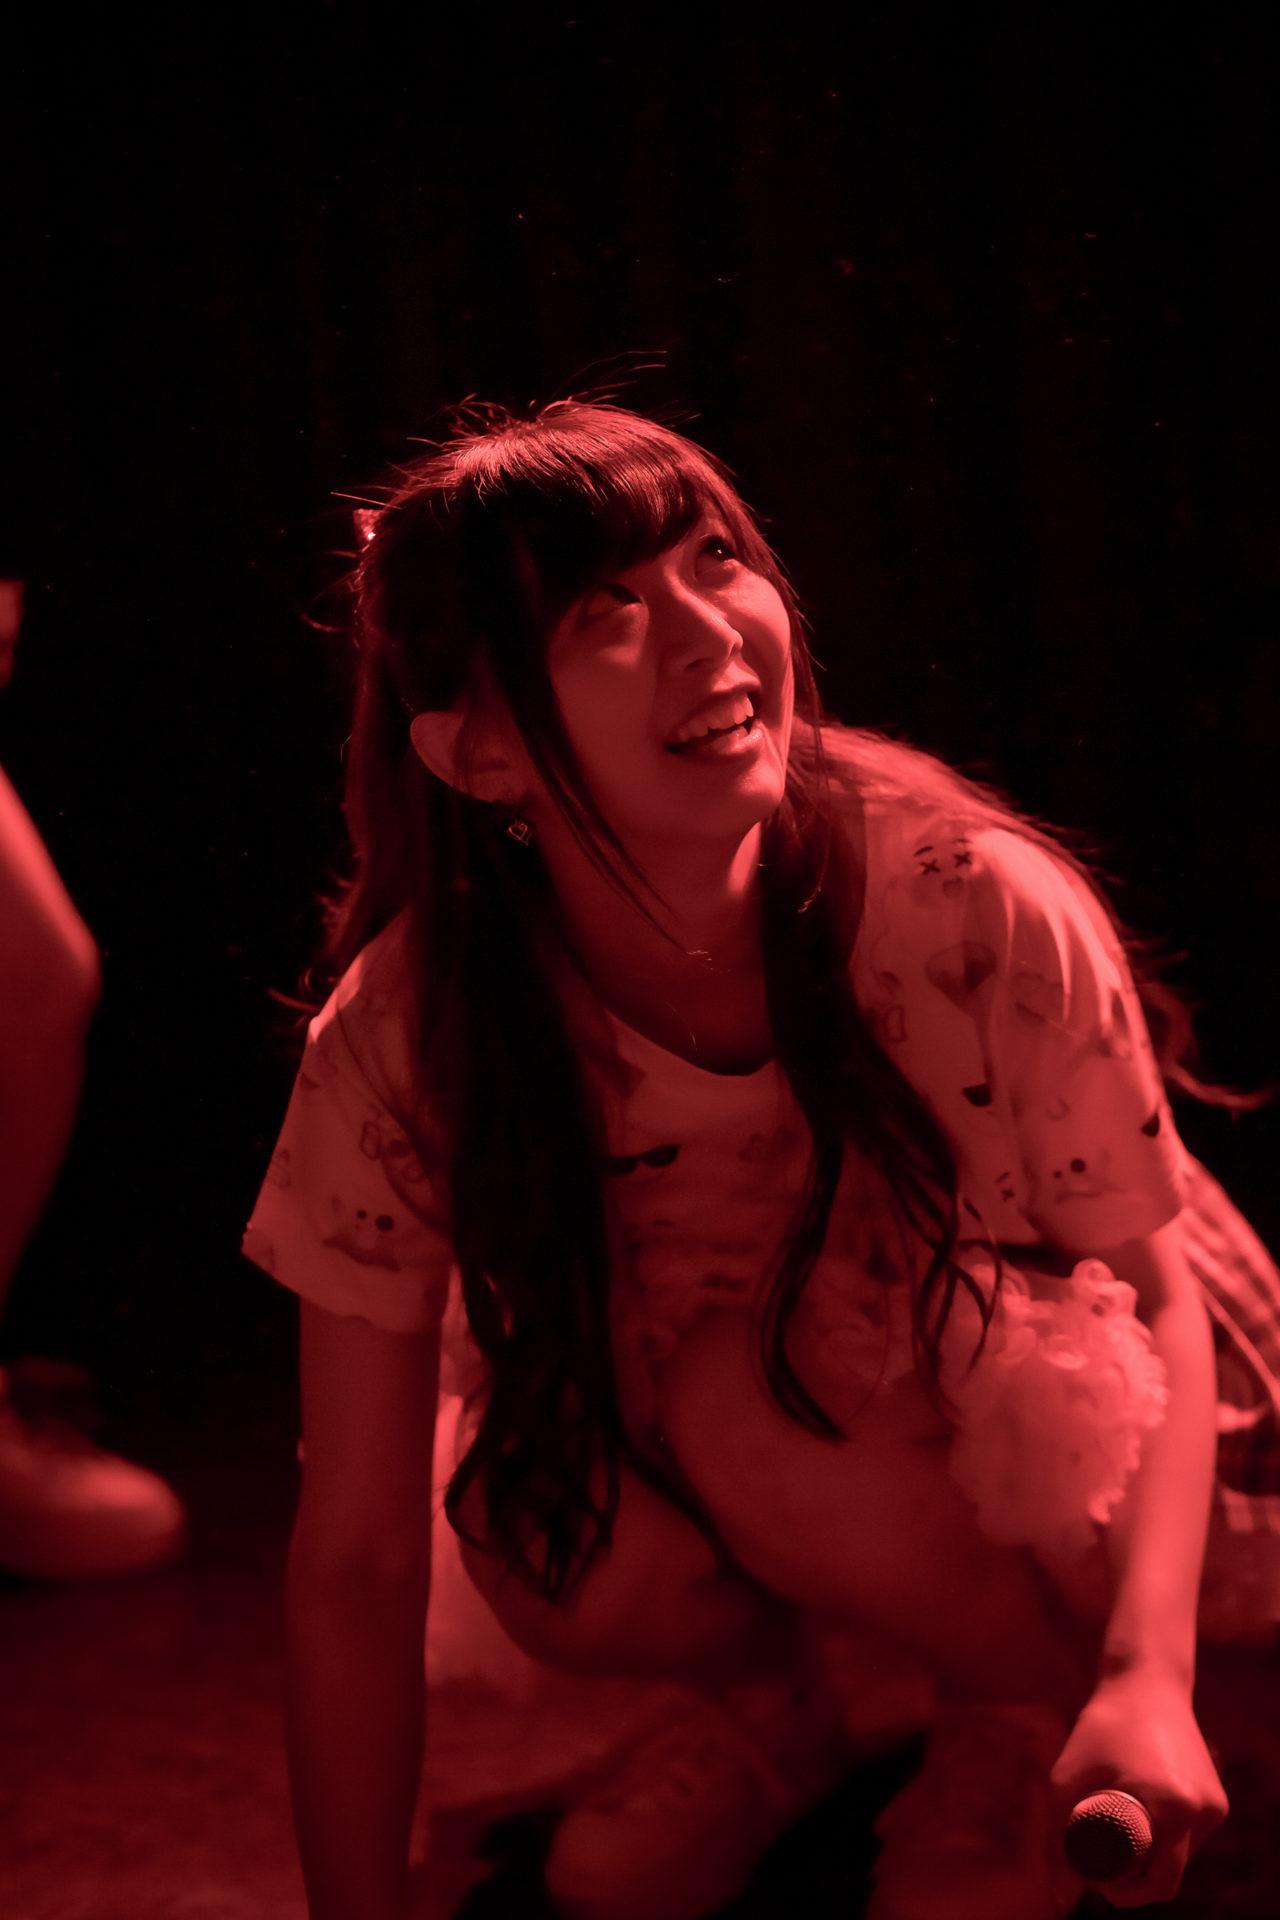 POPPING☆SMILE かな ( 見上佳奈 ) | 苗の木LIVE Vol.27 ~お賽銭LIVE 春の陣~